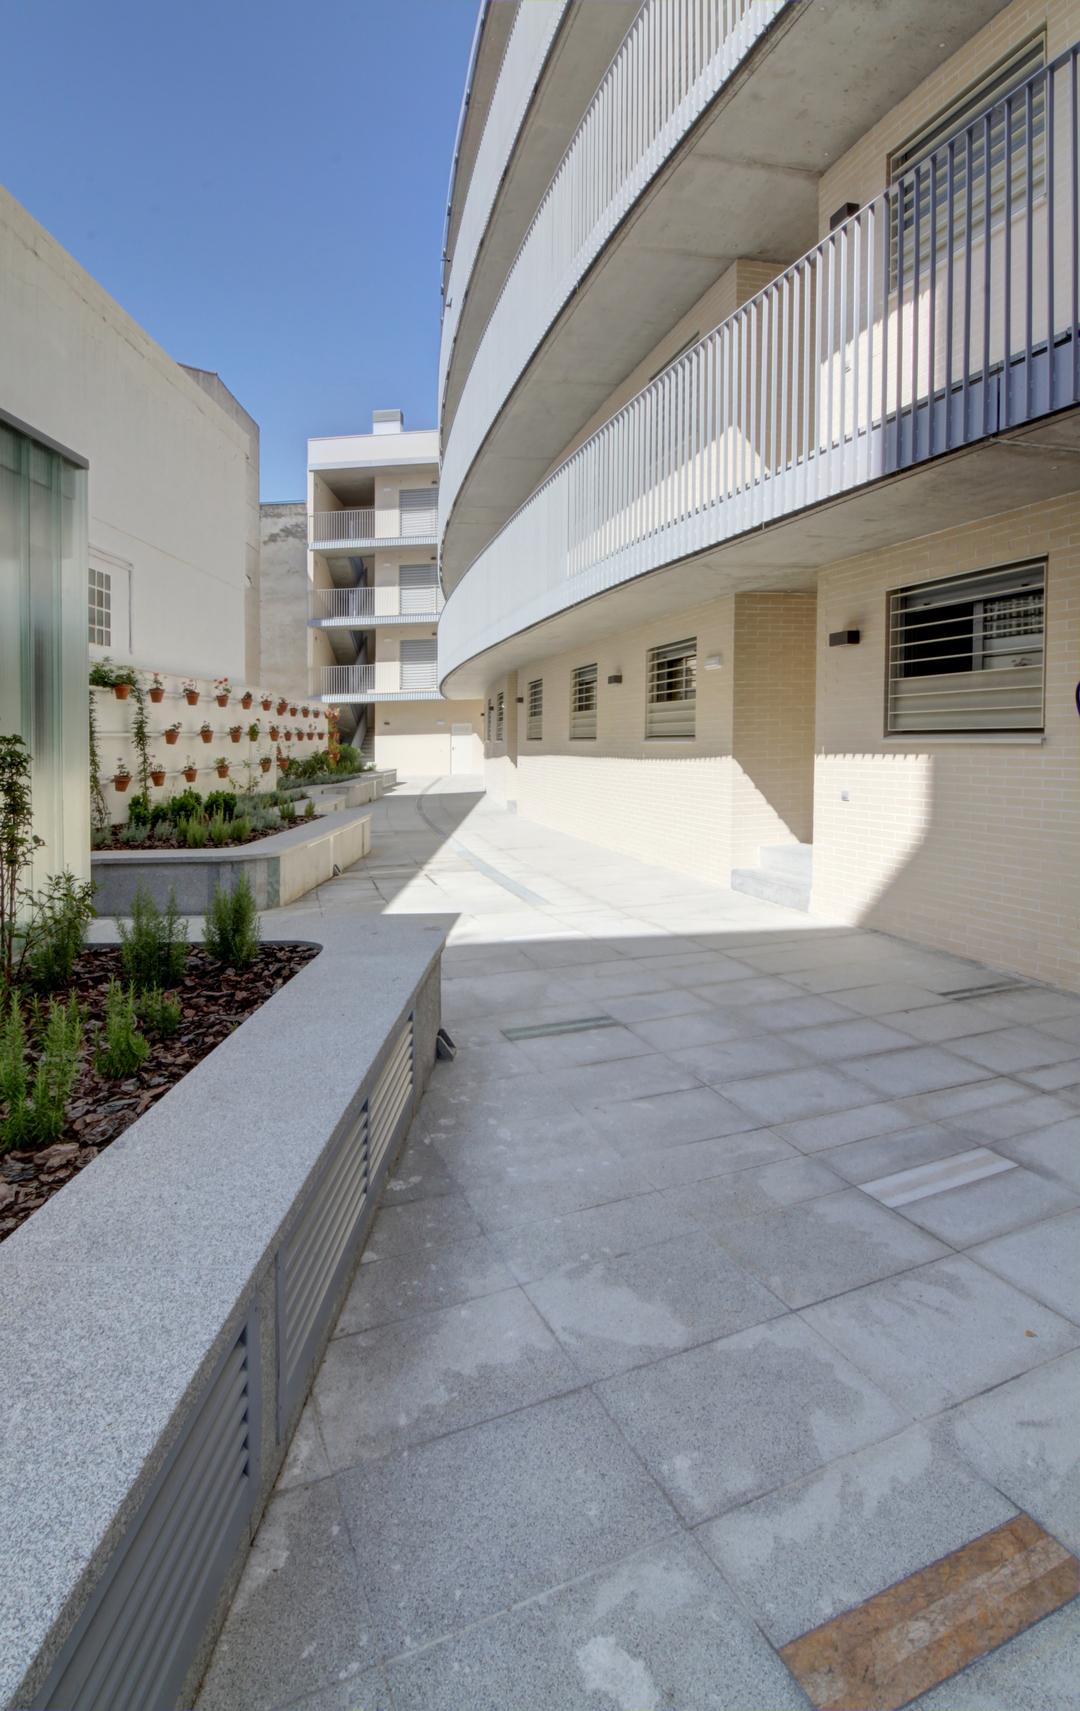 23 viviendas de protecci n oficial en c rdoba unia arquitectos - Arquitectos en cordoba ...